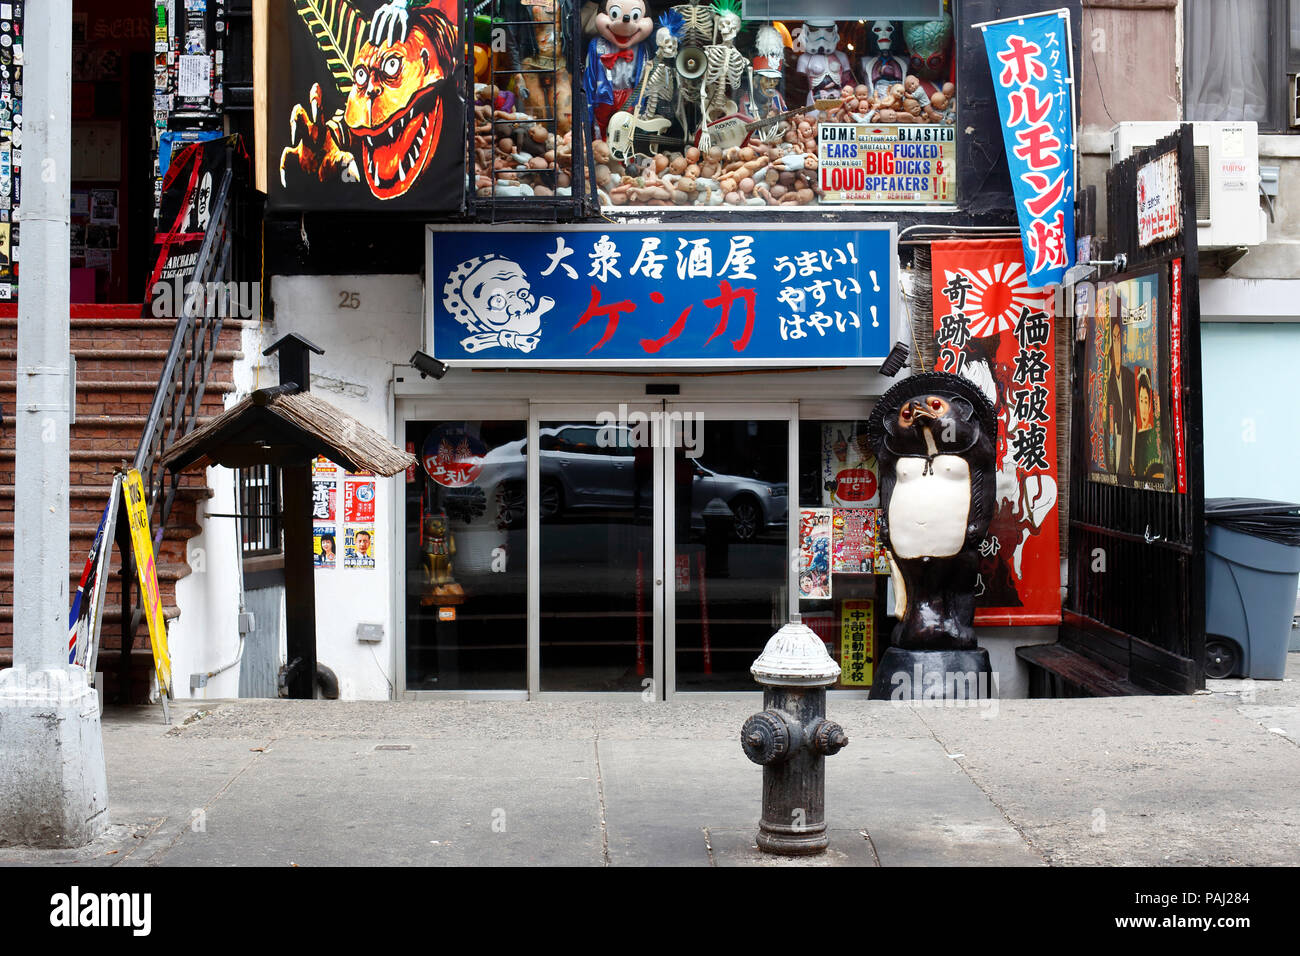 Kenka, 25 St Marks Pl, New York, NY - Stock Image